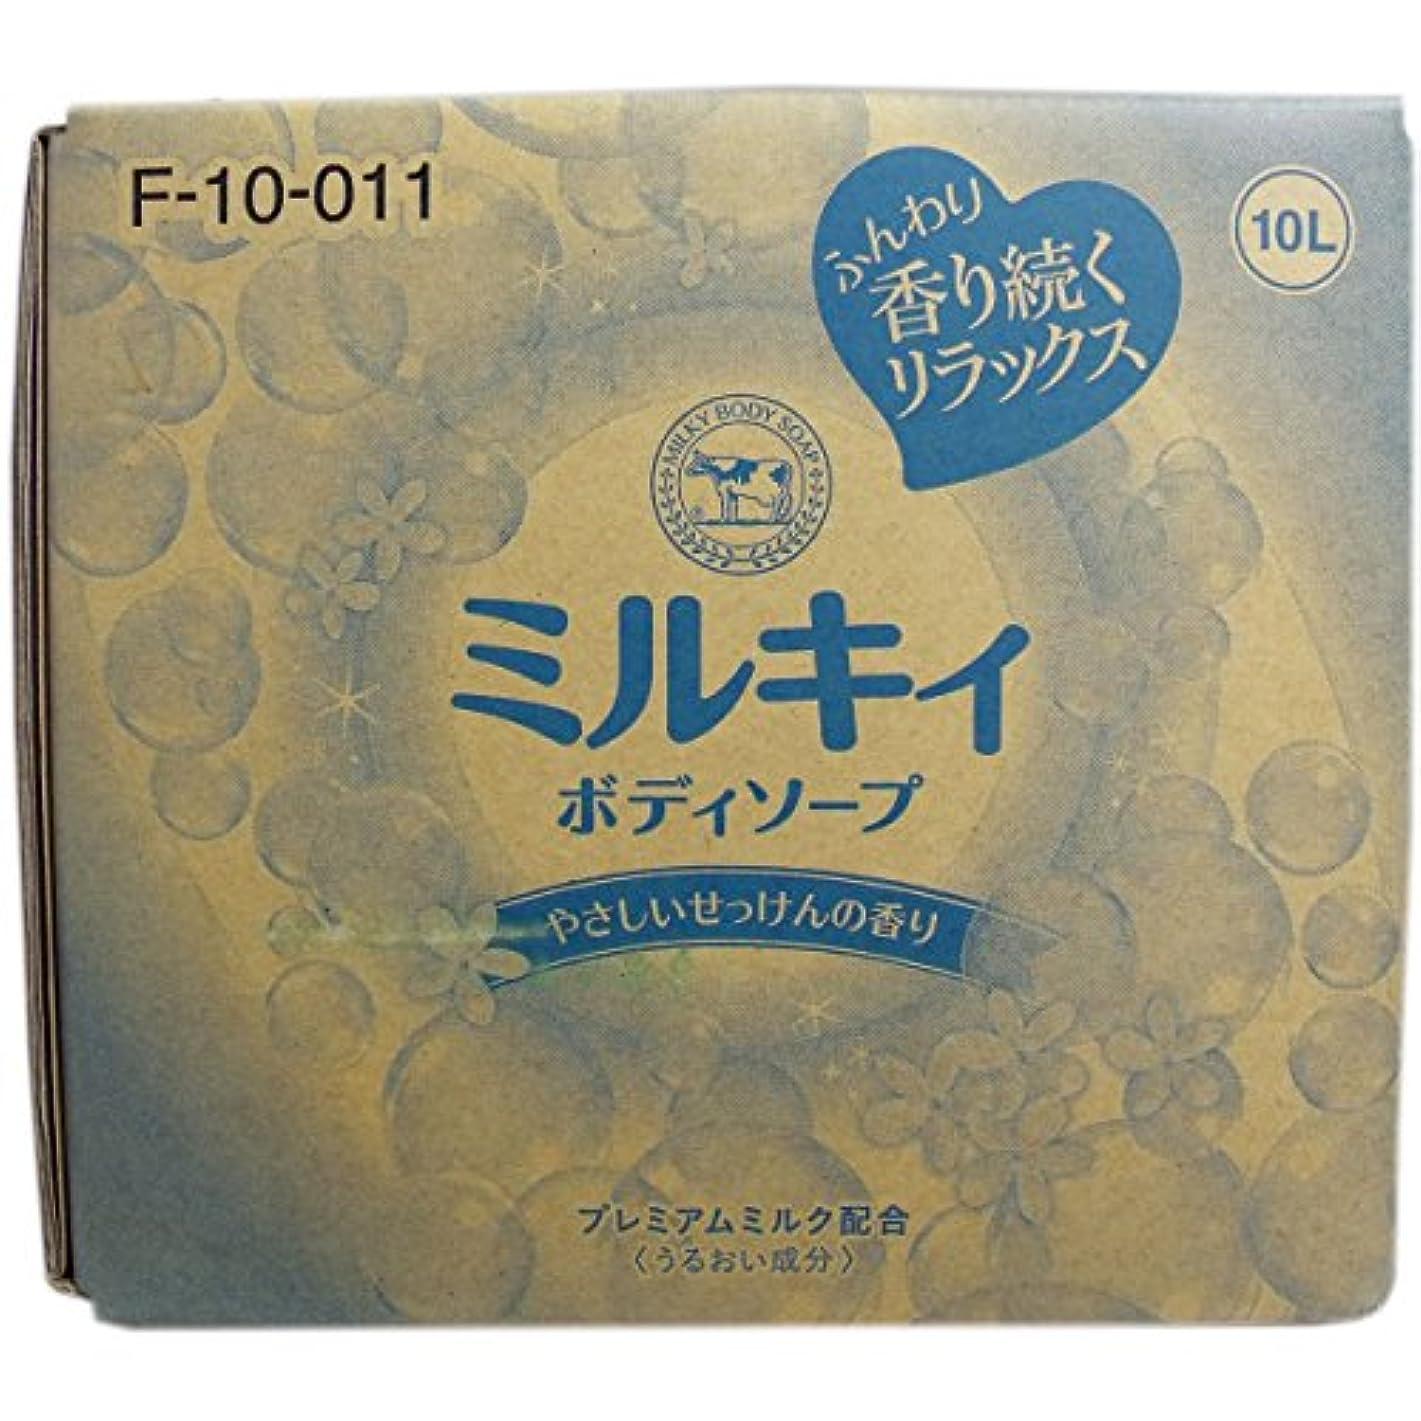 ファン怒るロデオ牛乳石鹸 ミルキィボディソープ ミルキィボディソープ 業務用 1個